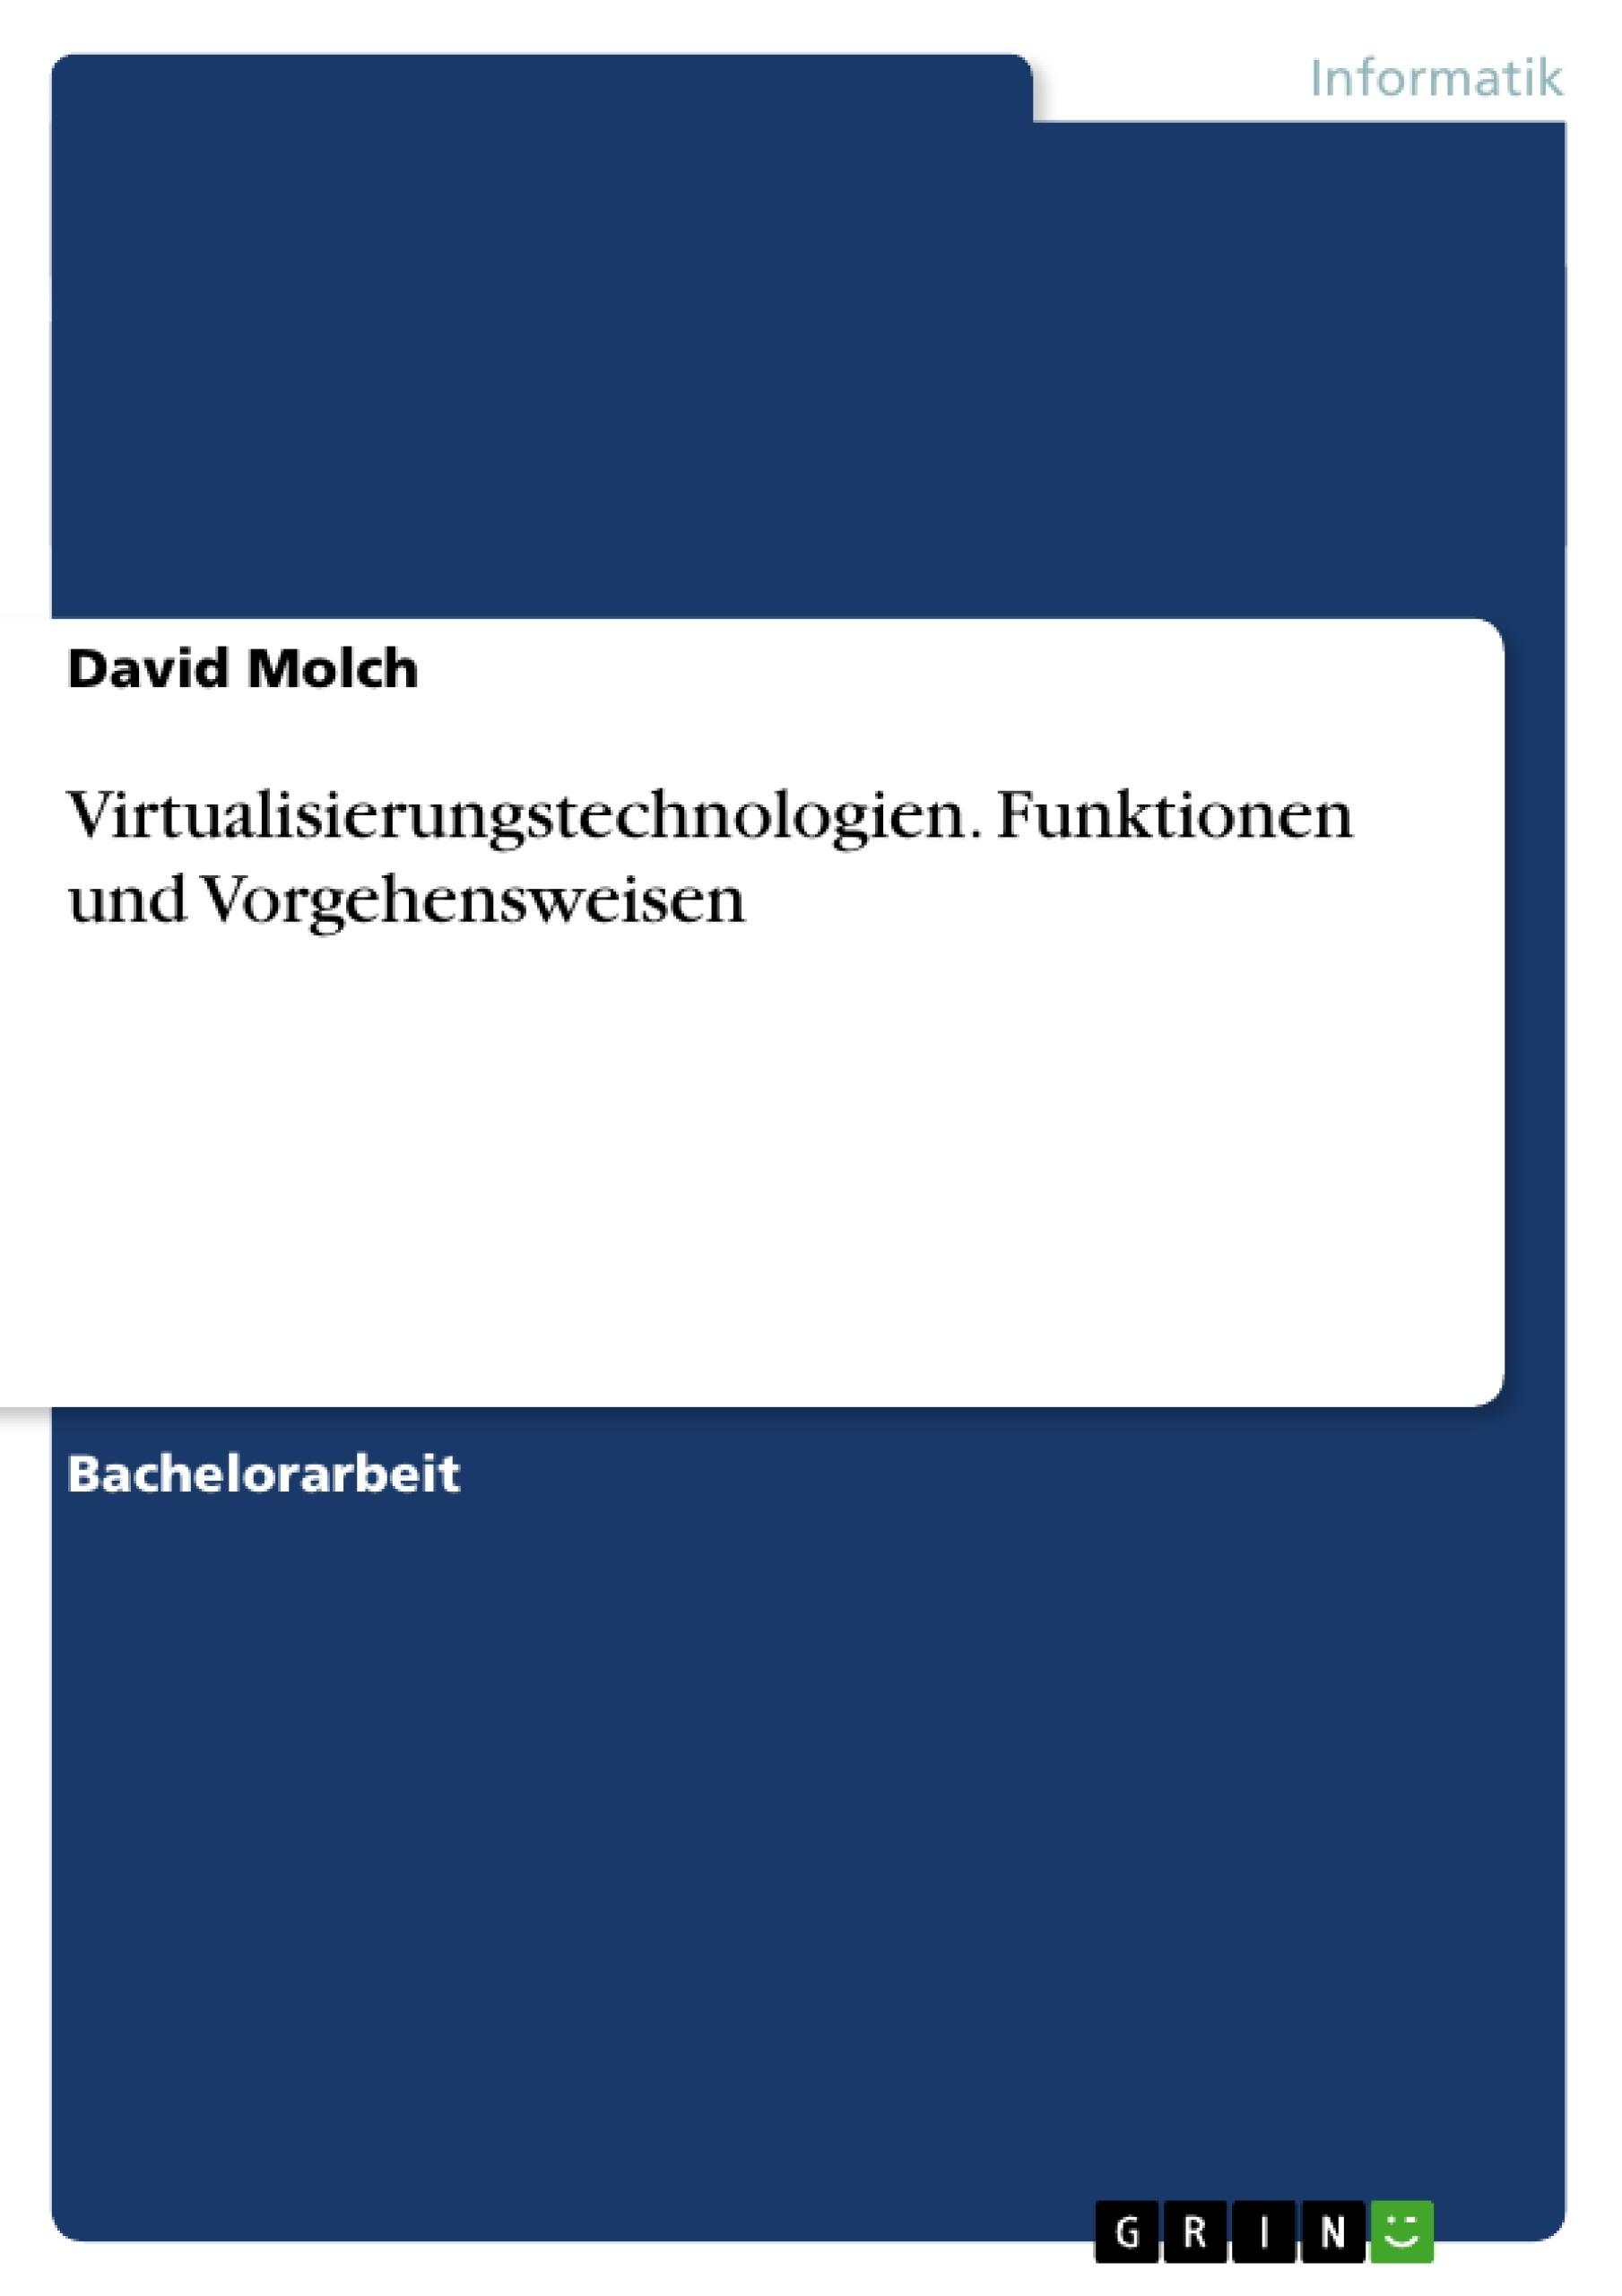 Titel: Virtualisierungstechnologien. Funktionen und Vorgehensweisen